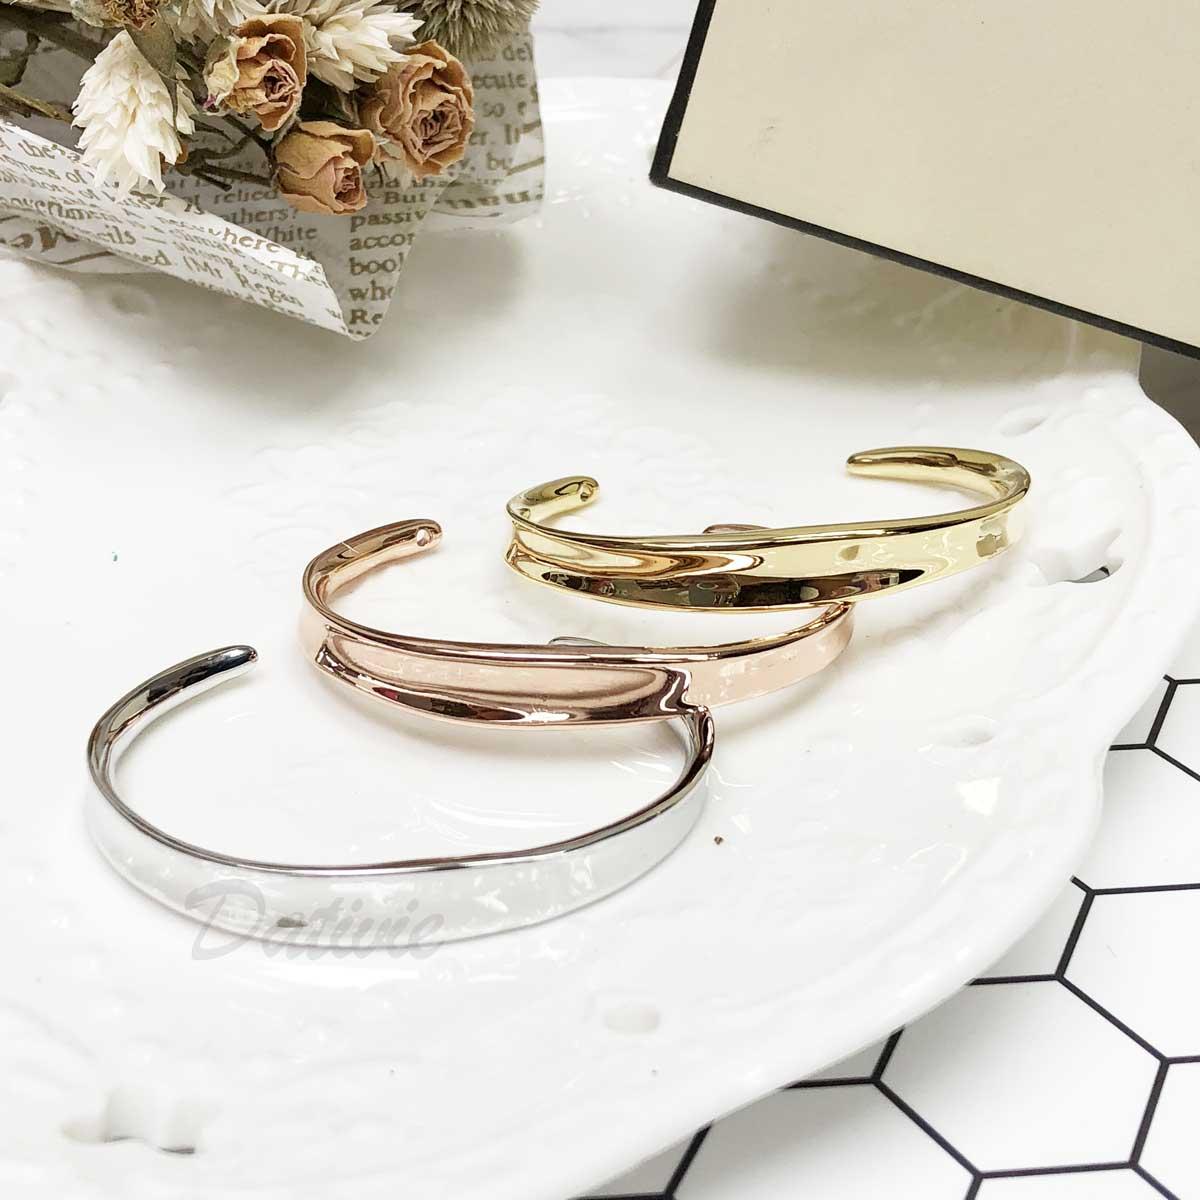 極簡 簡單 簡約 素面 經典款 玫瑰金 金 銀 拋光 手環 手飾